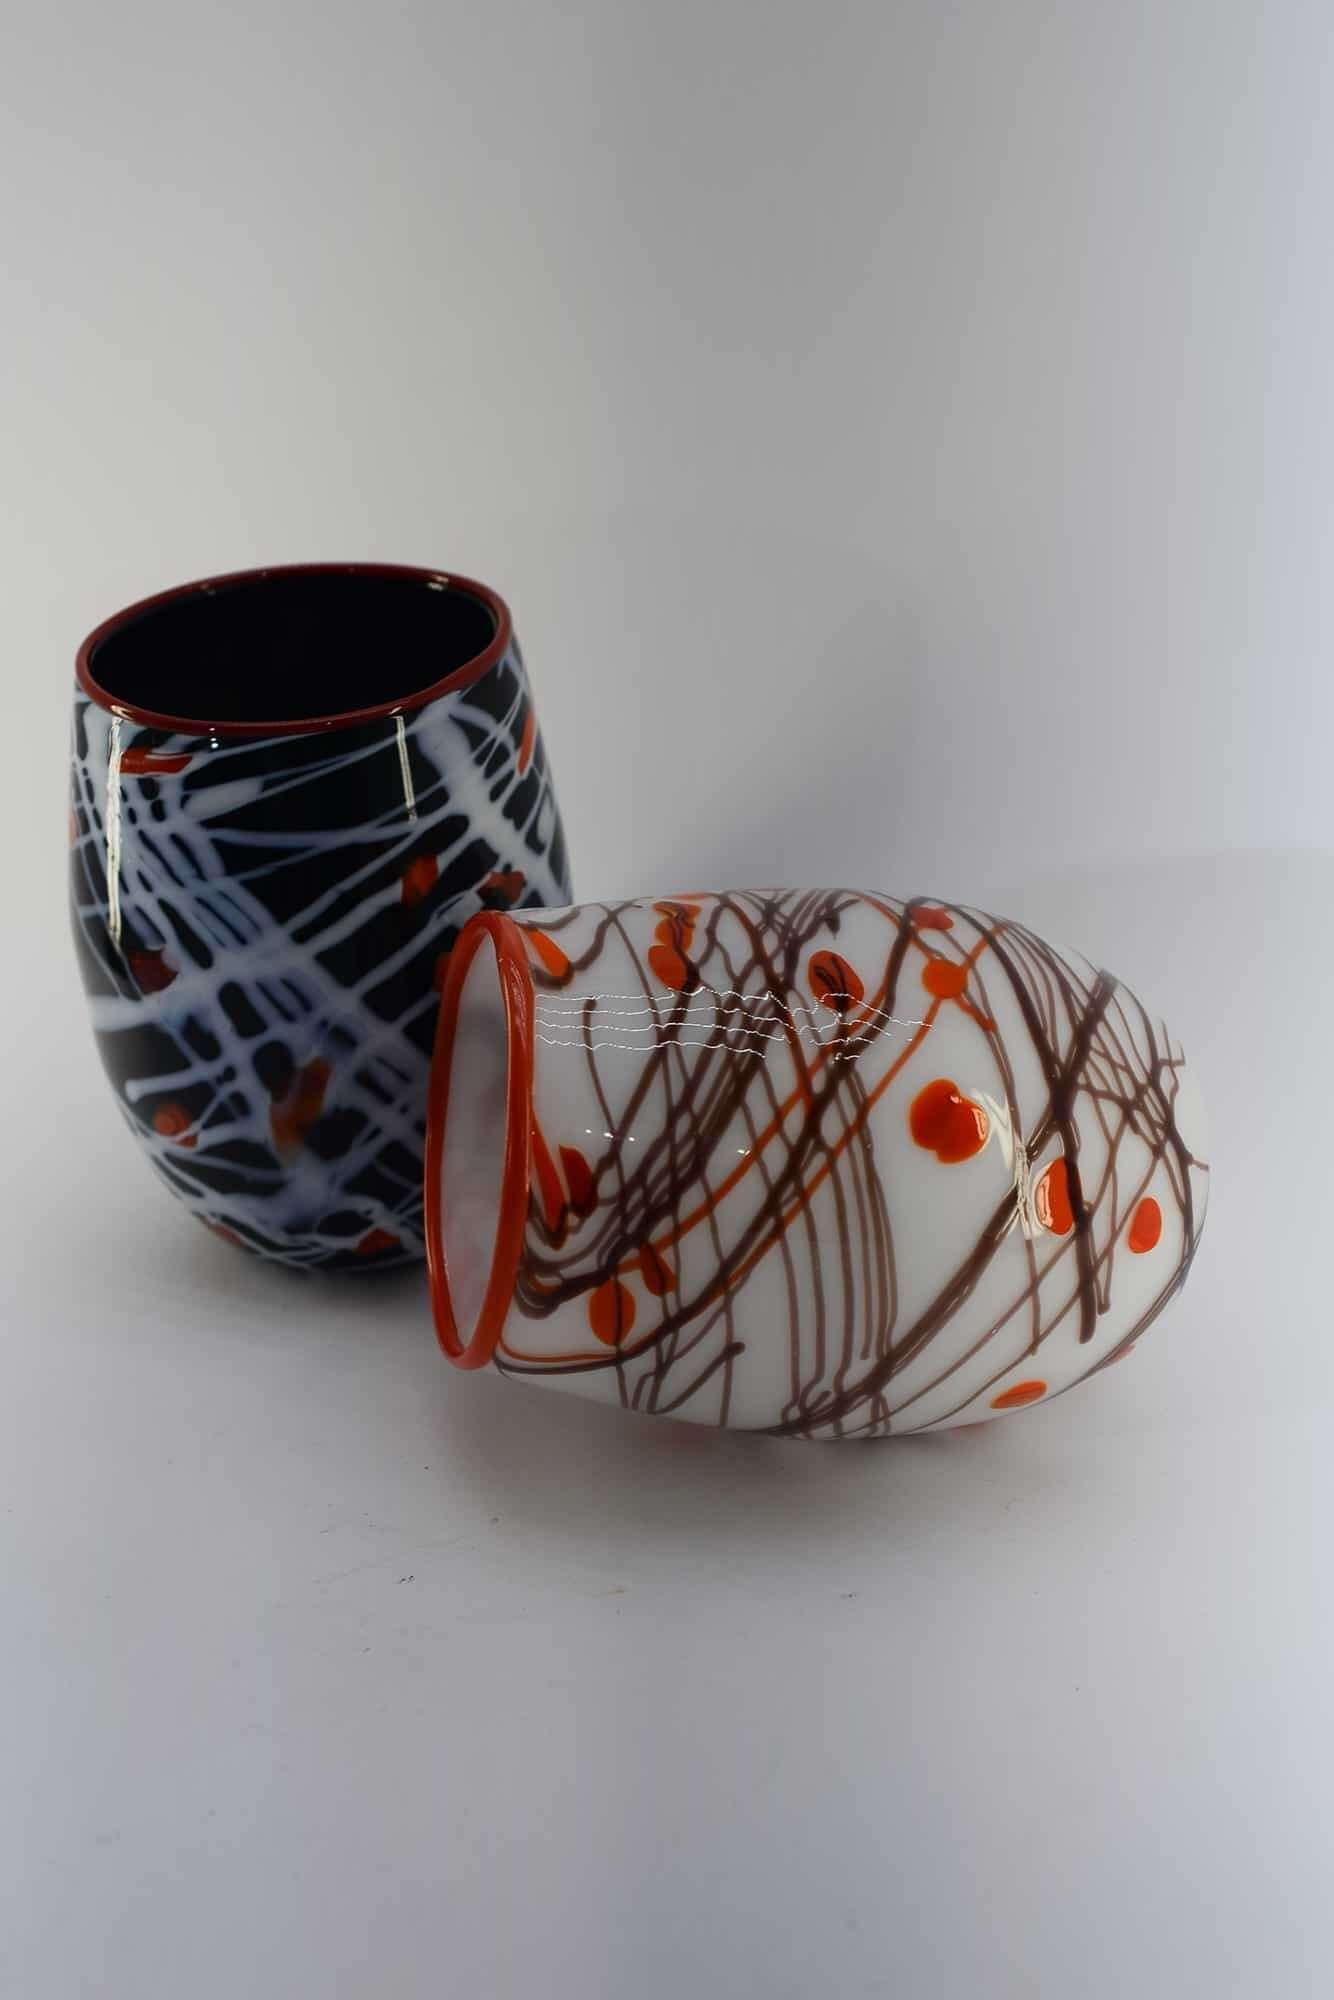 Brillenset mit Muranoglasfäden - (Art. 37975)